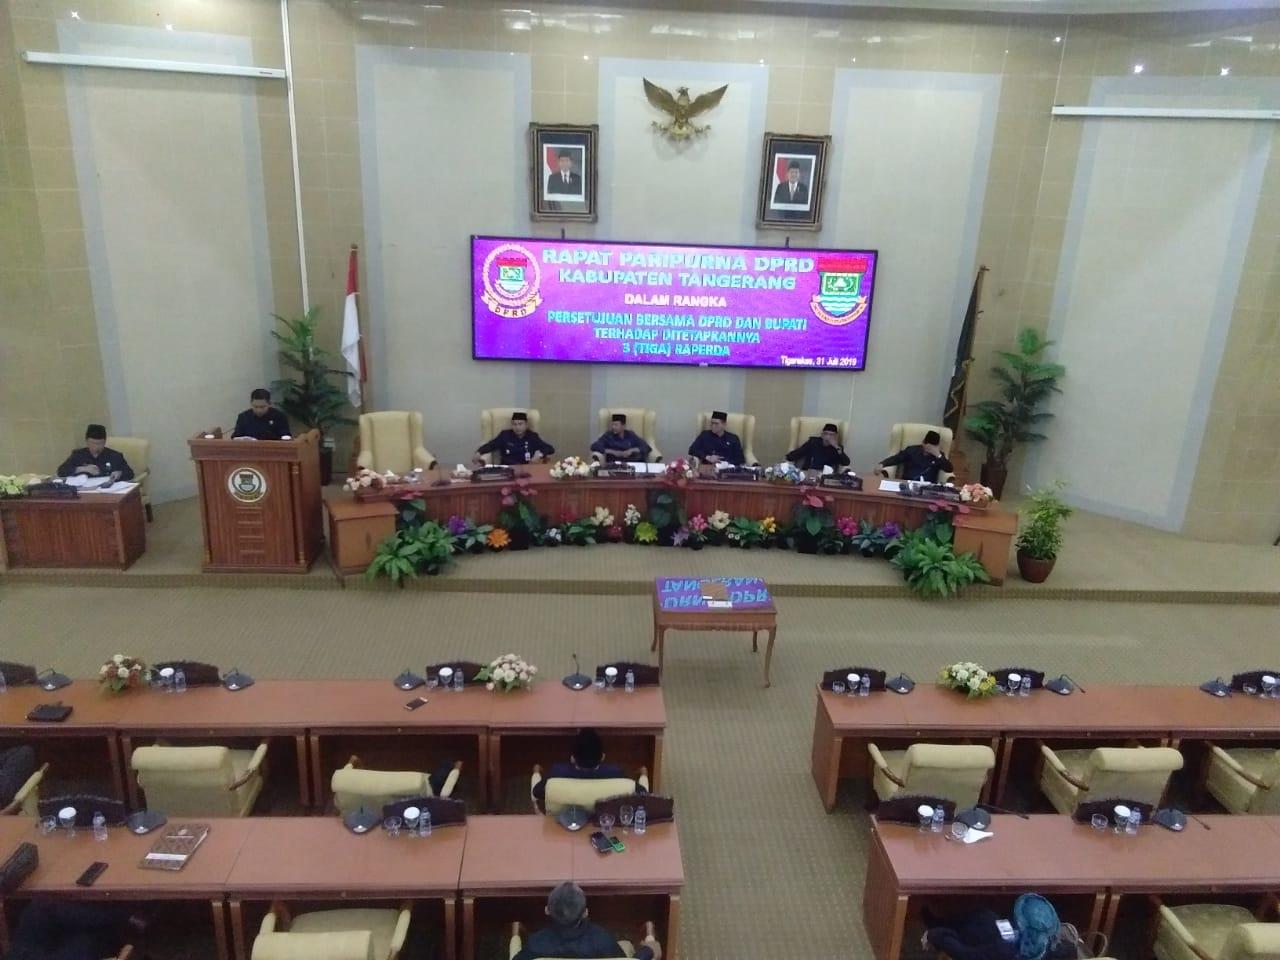 Kegiatan rapat pengesahan tiga Rancangan Peraturan Daerah (Raperda) di Gedung DPRD, Tigaraksa, Kabupaten Tangerang, Rabu (31/7/2019).